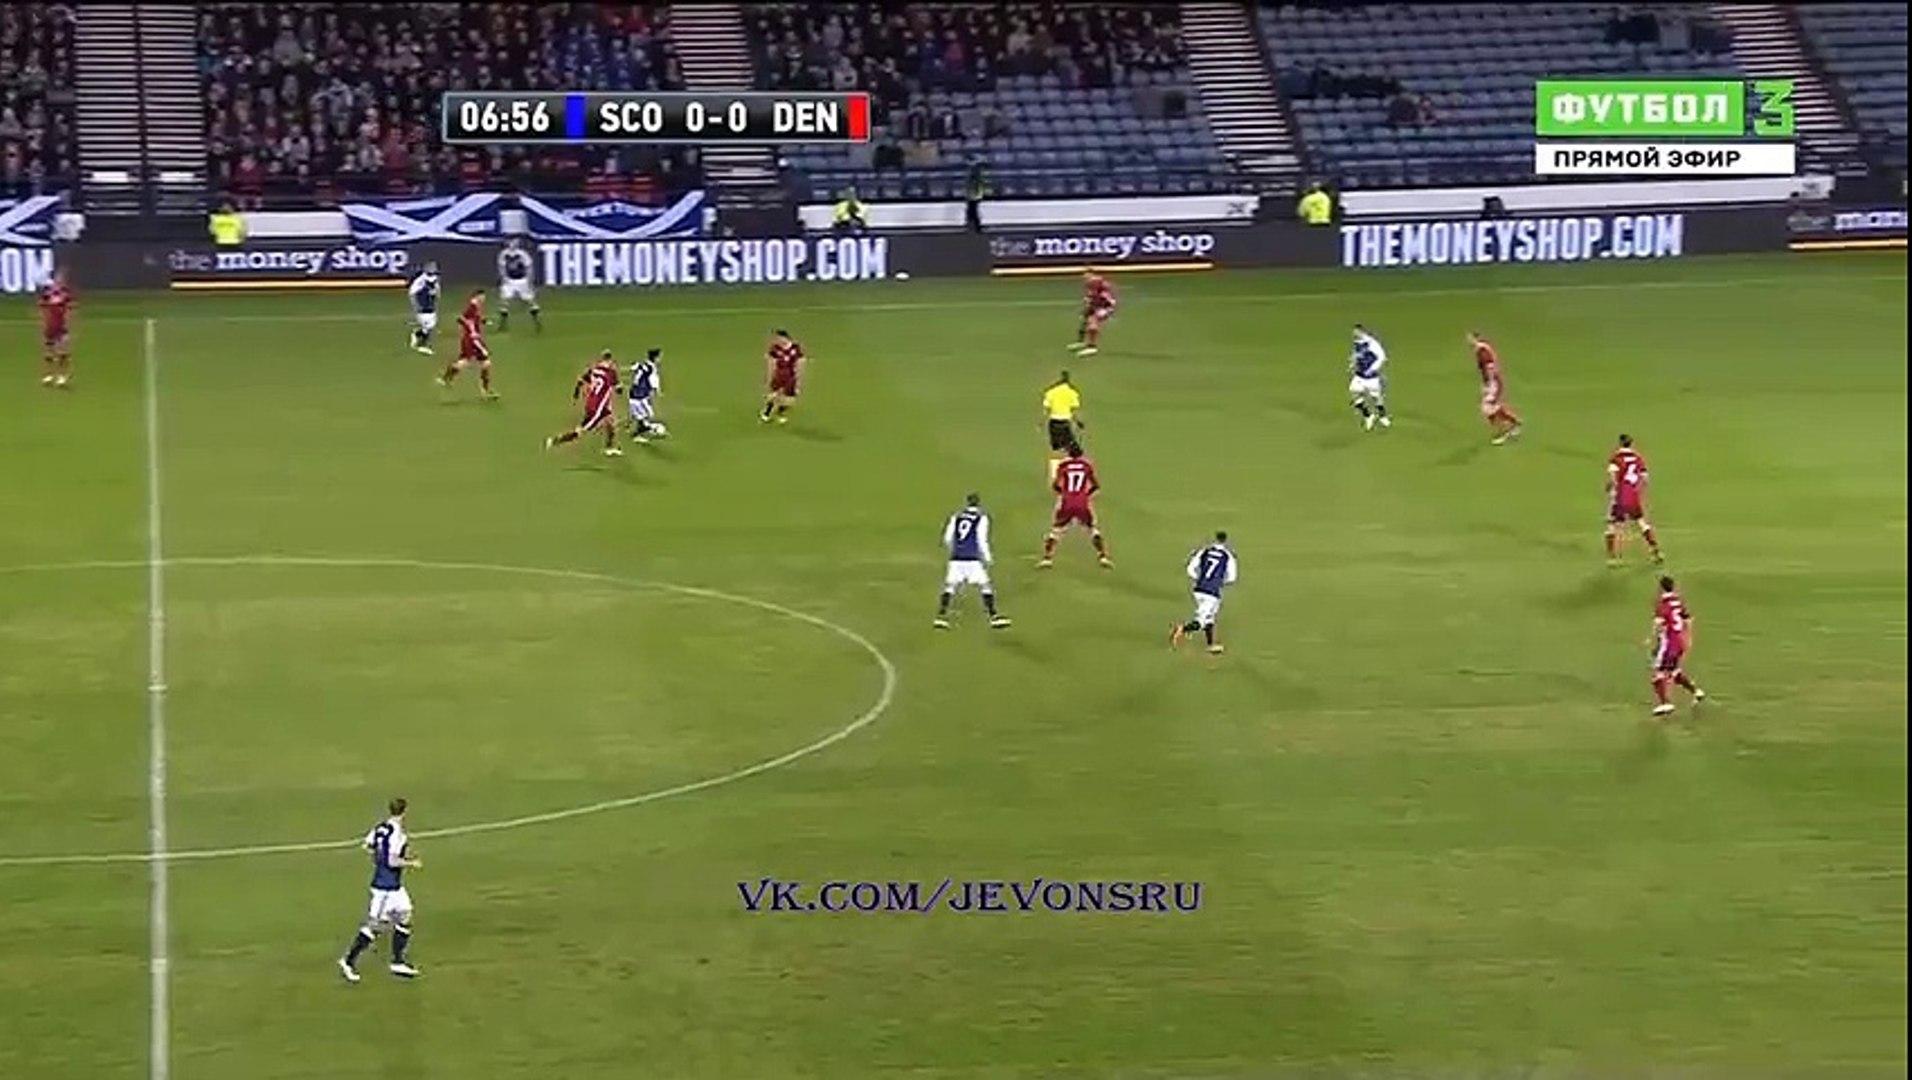 Matt Ritchie 1:0 Goal - Scotland - Denmark - 29/03/2016